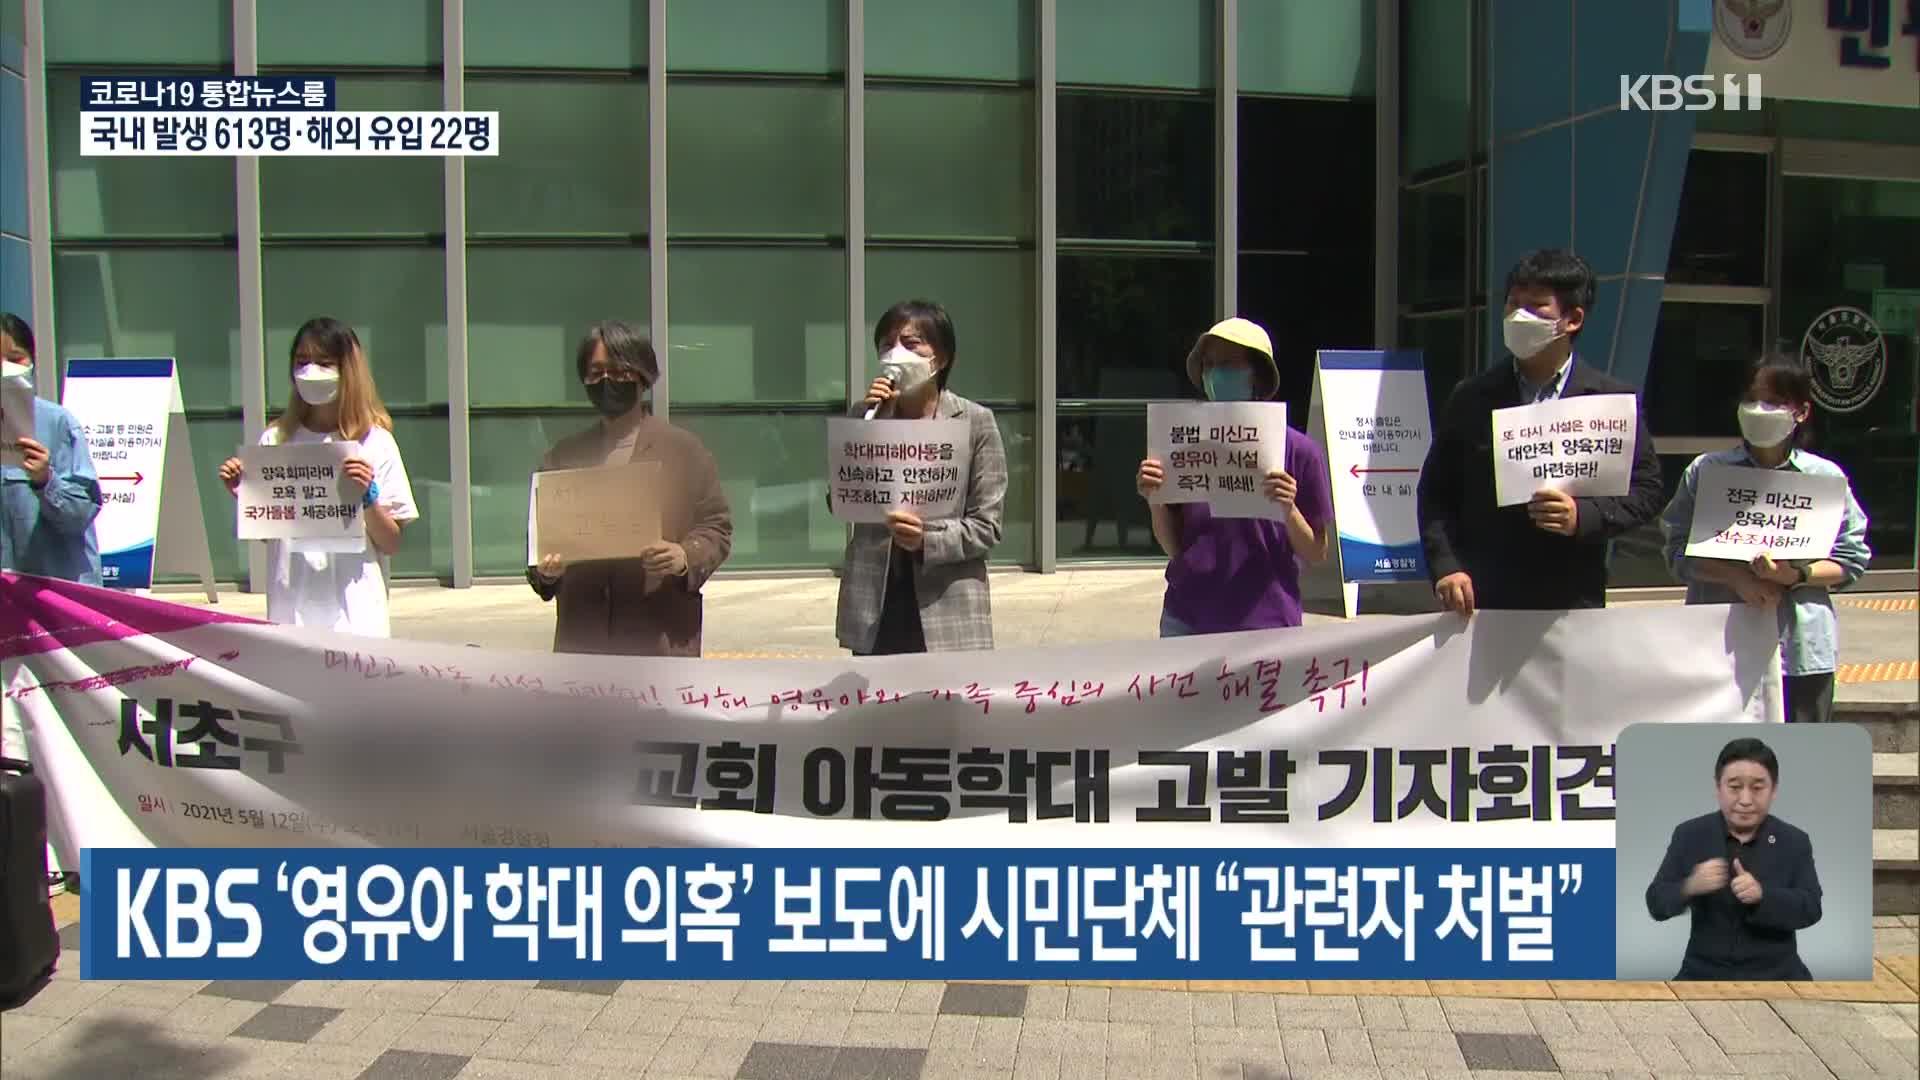 """KBS '영유아 학대 의혹' 보도에 시민단체 """"관련자 처벌"""""""